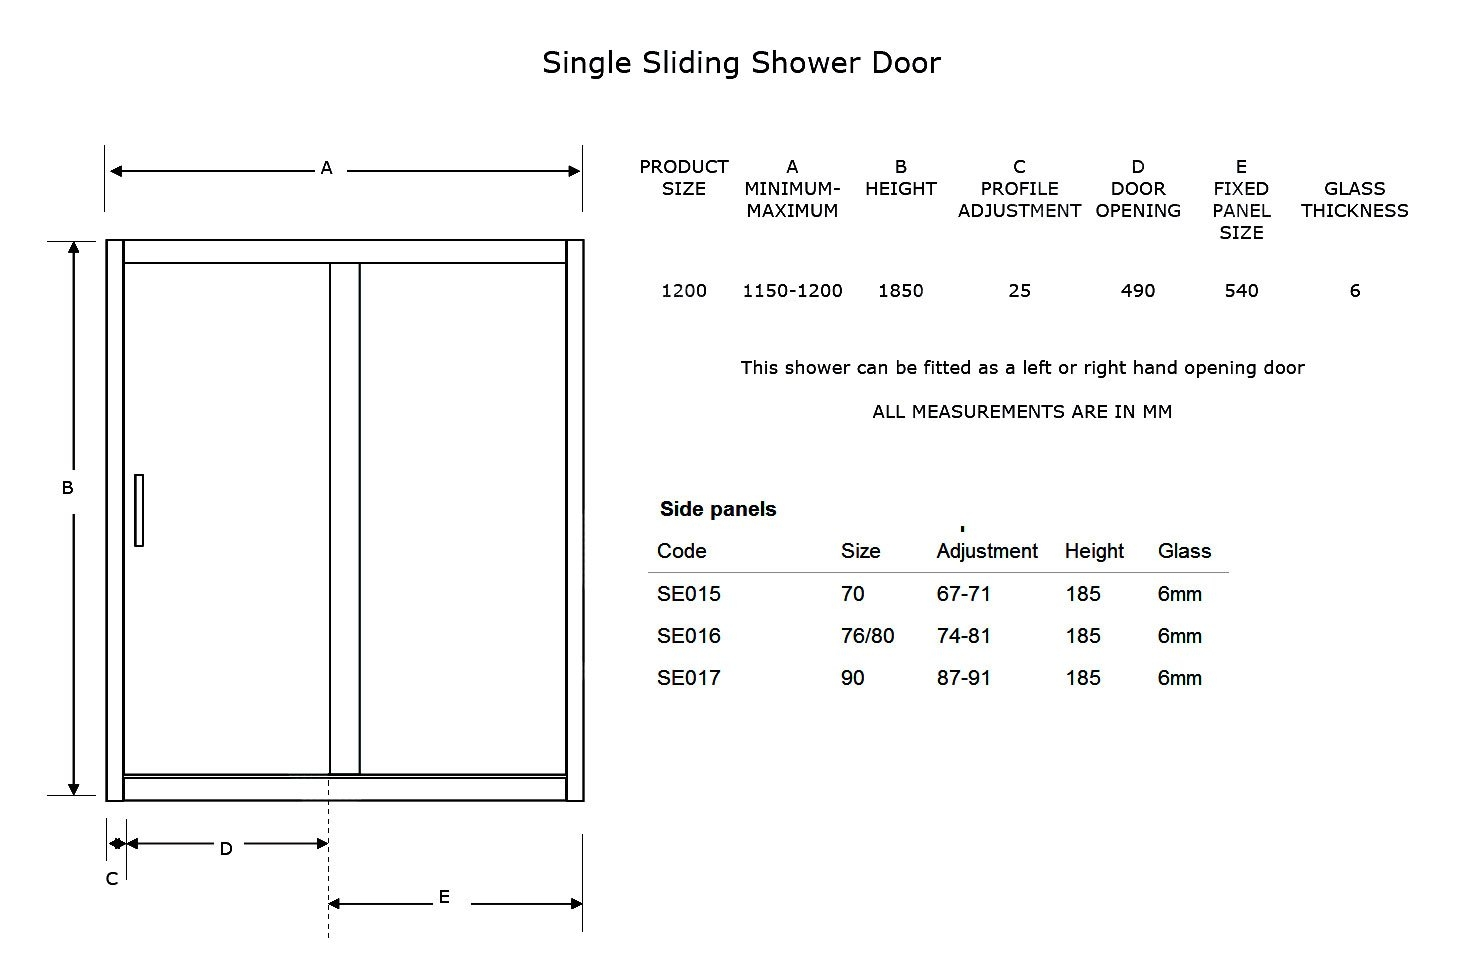 Sliding Glass Patio Doors Standard Sizedoor standard normal doorway size sc